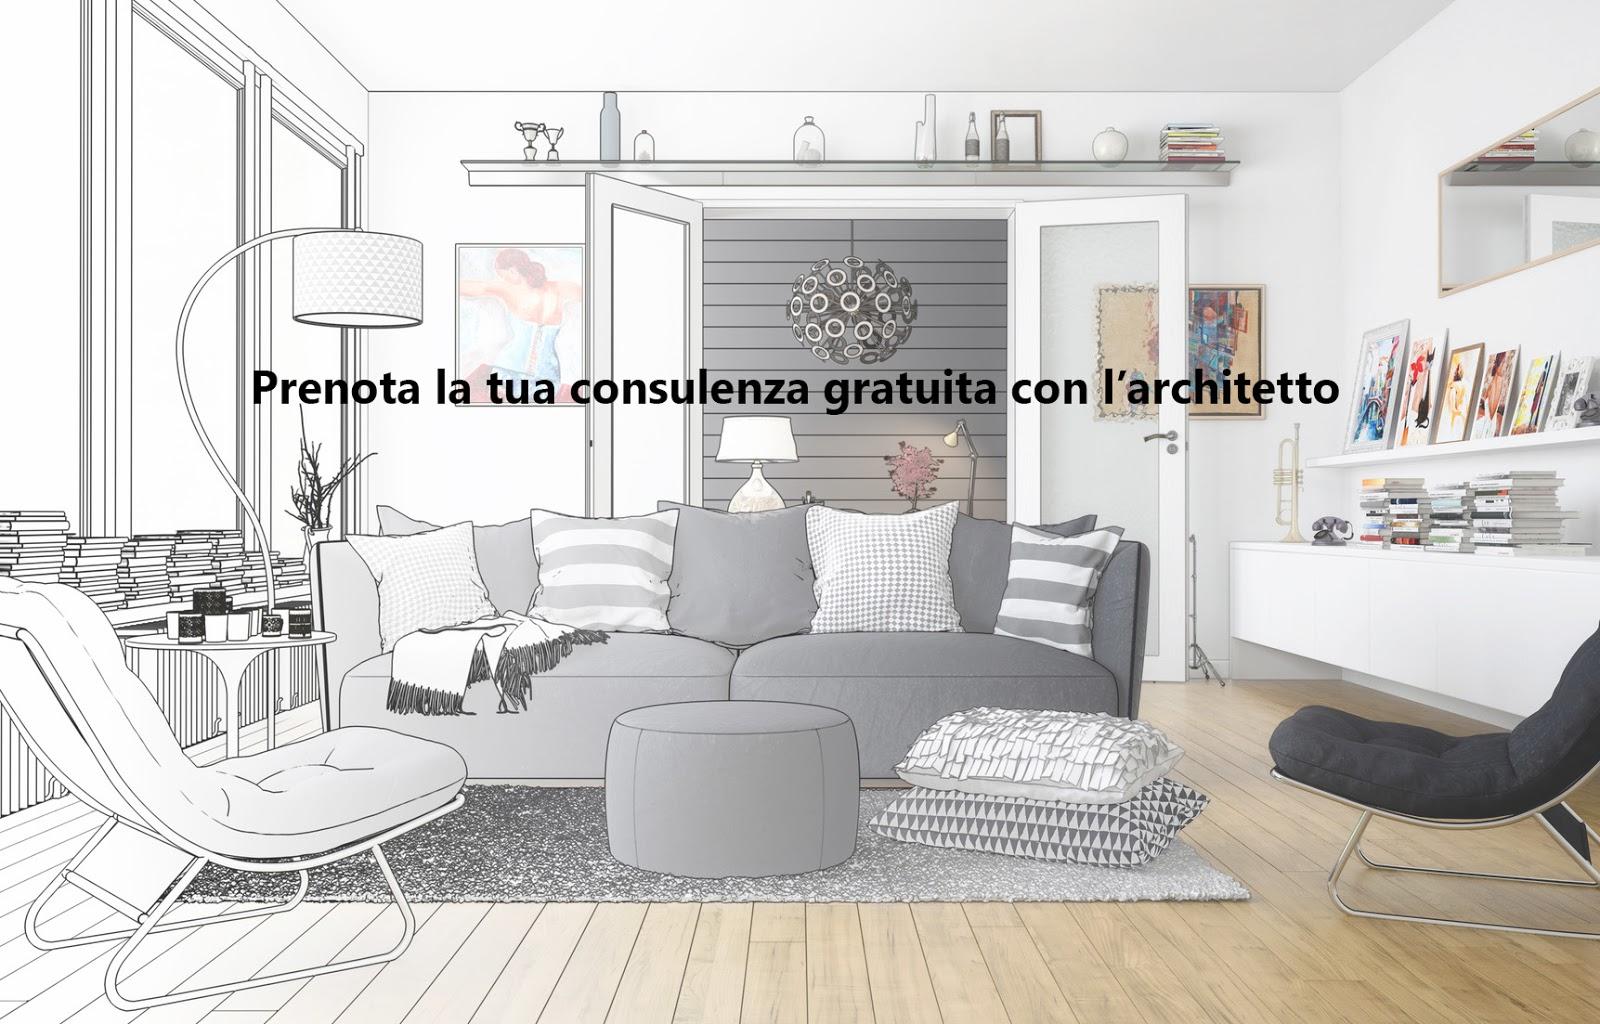 Eurom arredamenti il blog torna l 39 iniziativa un sabato - Architetto per ristrutturazione casa ...